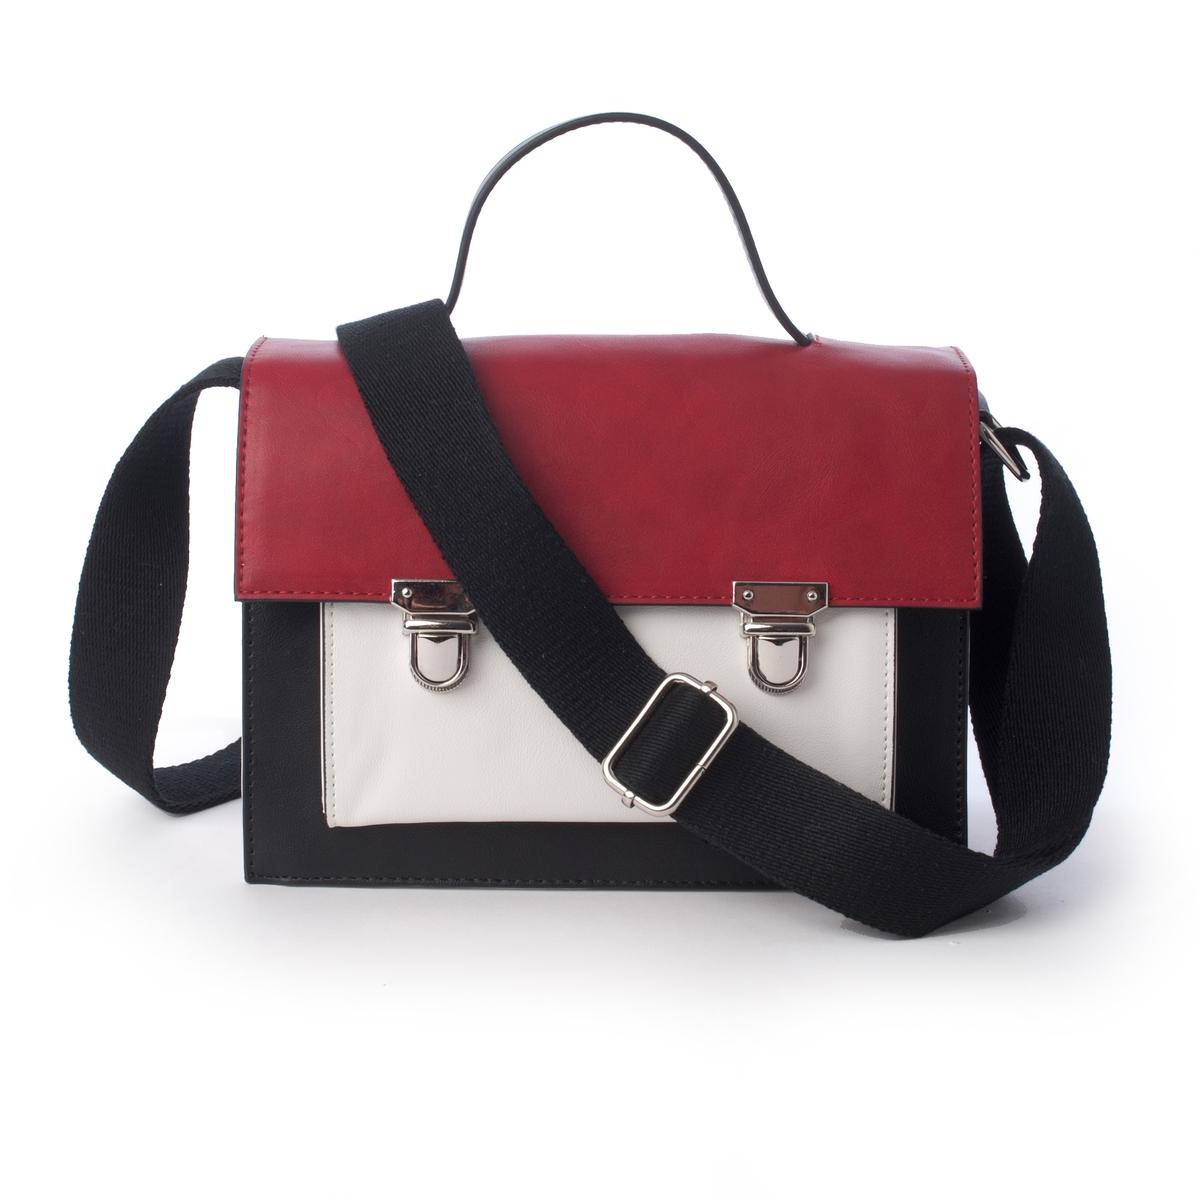 Сумка-портфель двухцветнаяСумка-портфель двухцветная Mademoiselle R.Модная и практичная сумка-портфель идеально подходит для офисной работы. Классическое и в то же время оригинальное сочетание цветов. Состав и описаниеМатериал: верх  из полиуретана.Подкладка из полиэстера.Марка: Mademoiselle R.Размеры: В.17 x Д.22 x Г.10 см.Застежка: металлический замок.2 отделения + 1 карман на молнии + 1 карман для мобильного телефона + 1 карман спереди.Плечевой ремень: регулируемый, не съемный.<br><br>Цвет: красный/ черный/ белый<br>Размер: единый размер